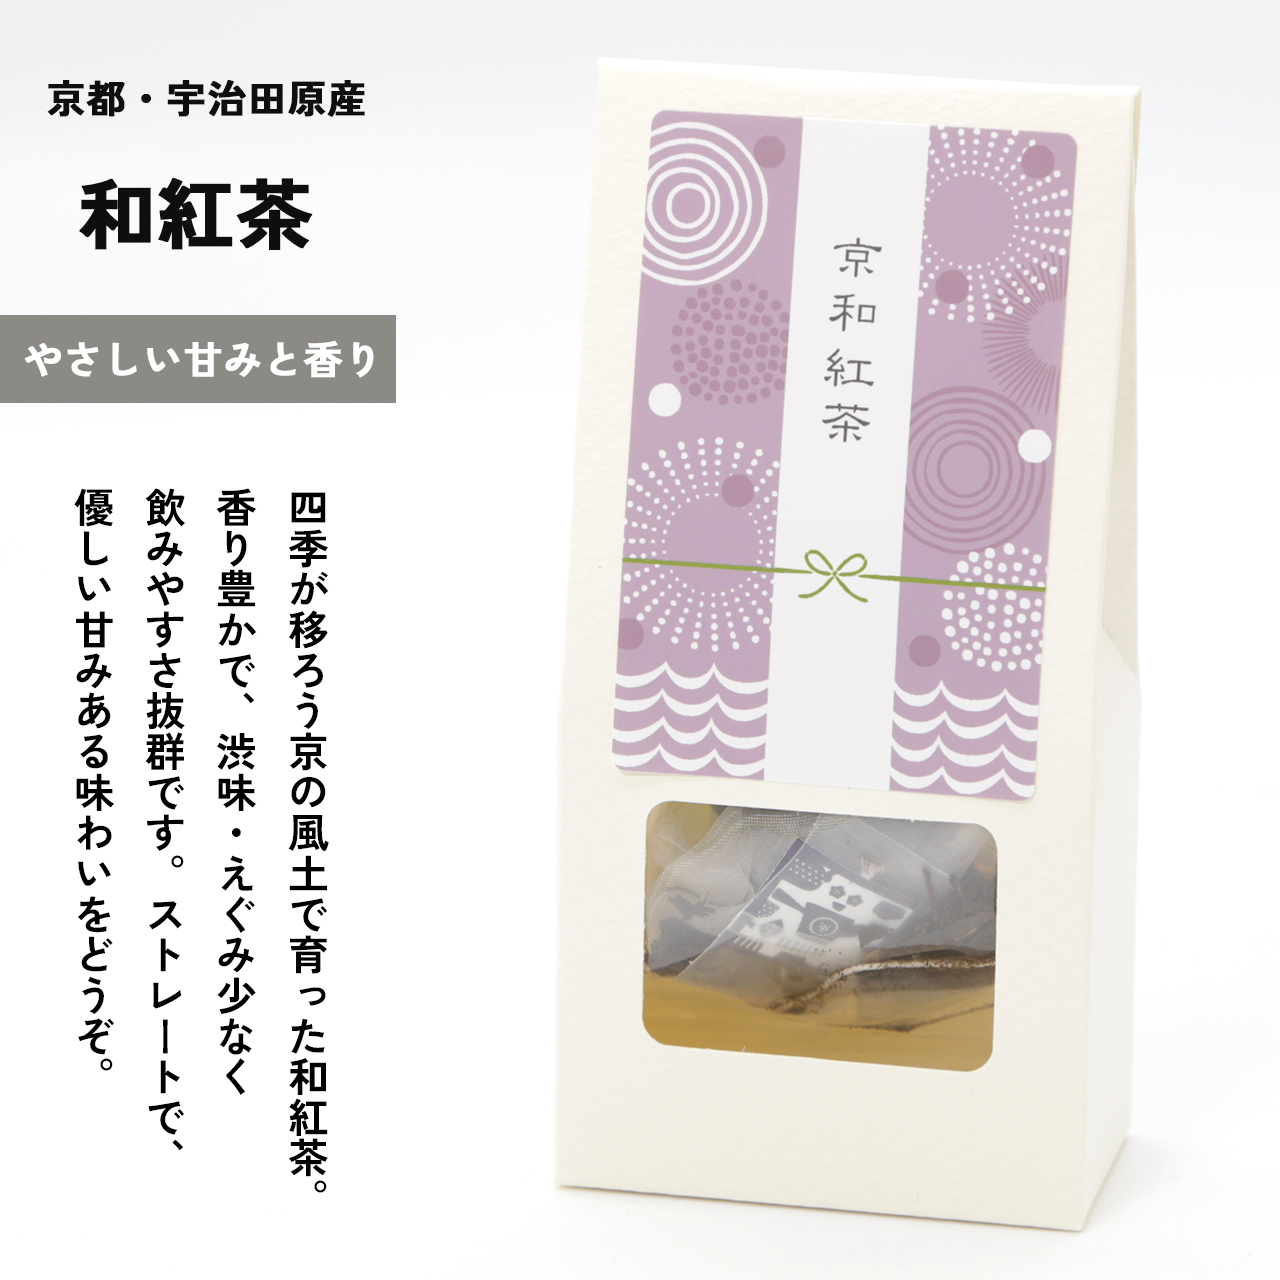 すっきりと、渋みえぐみ少ない優しいお味。京和紅茶